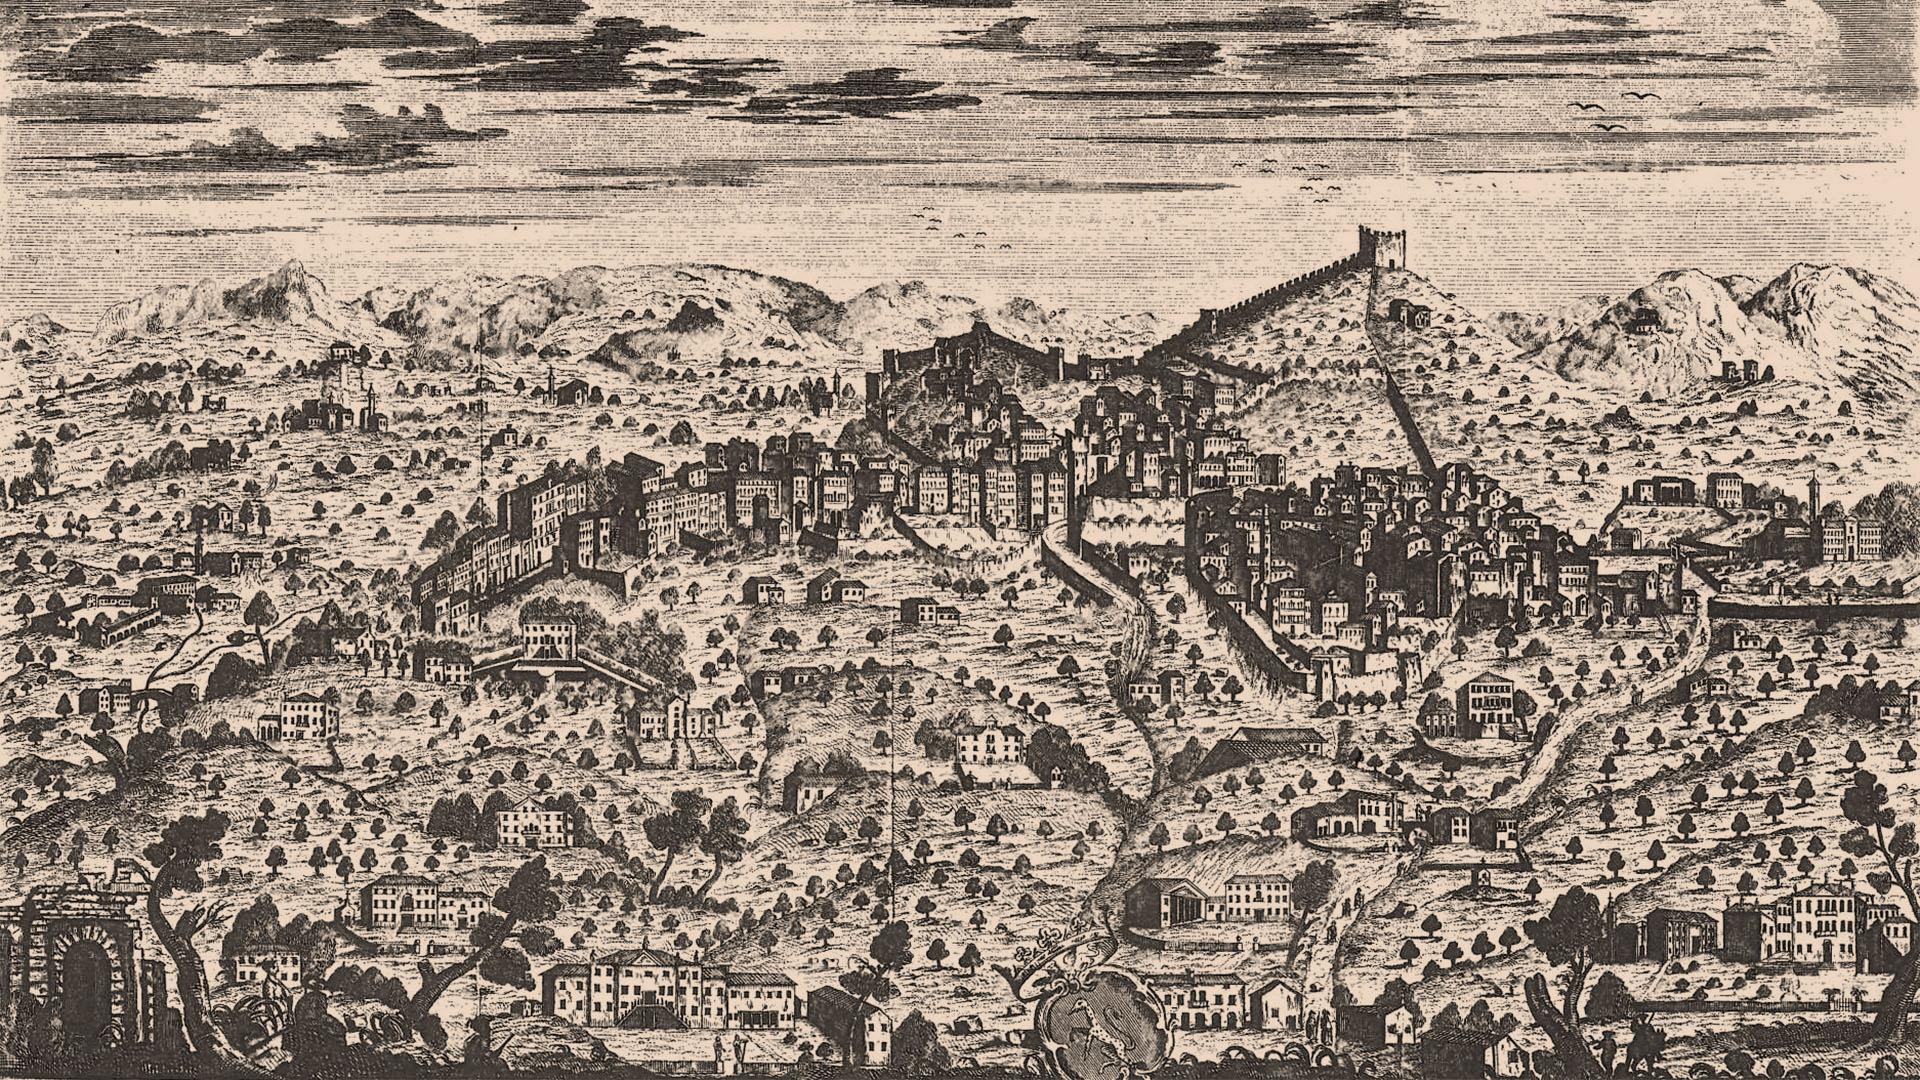 View of Asolo, M. S. Giampiccoli, 1780 AD